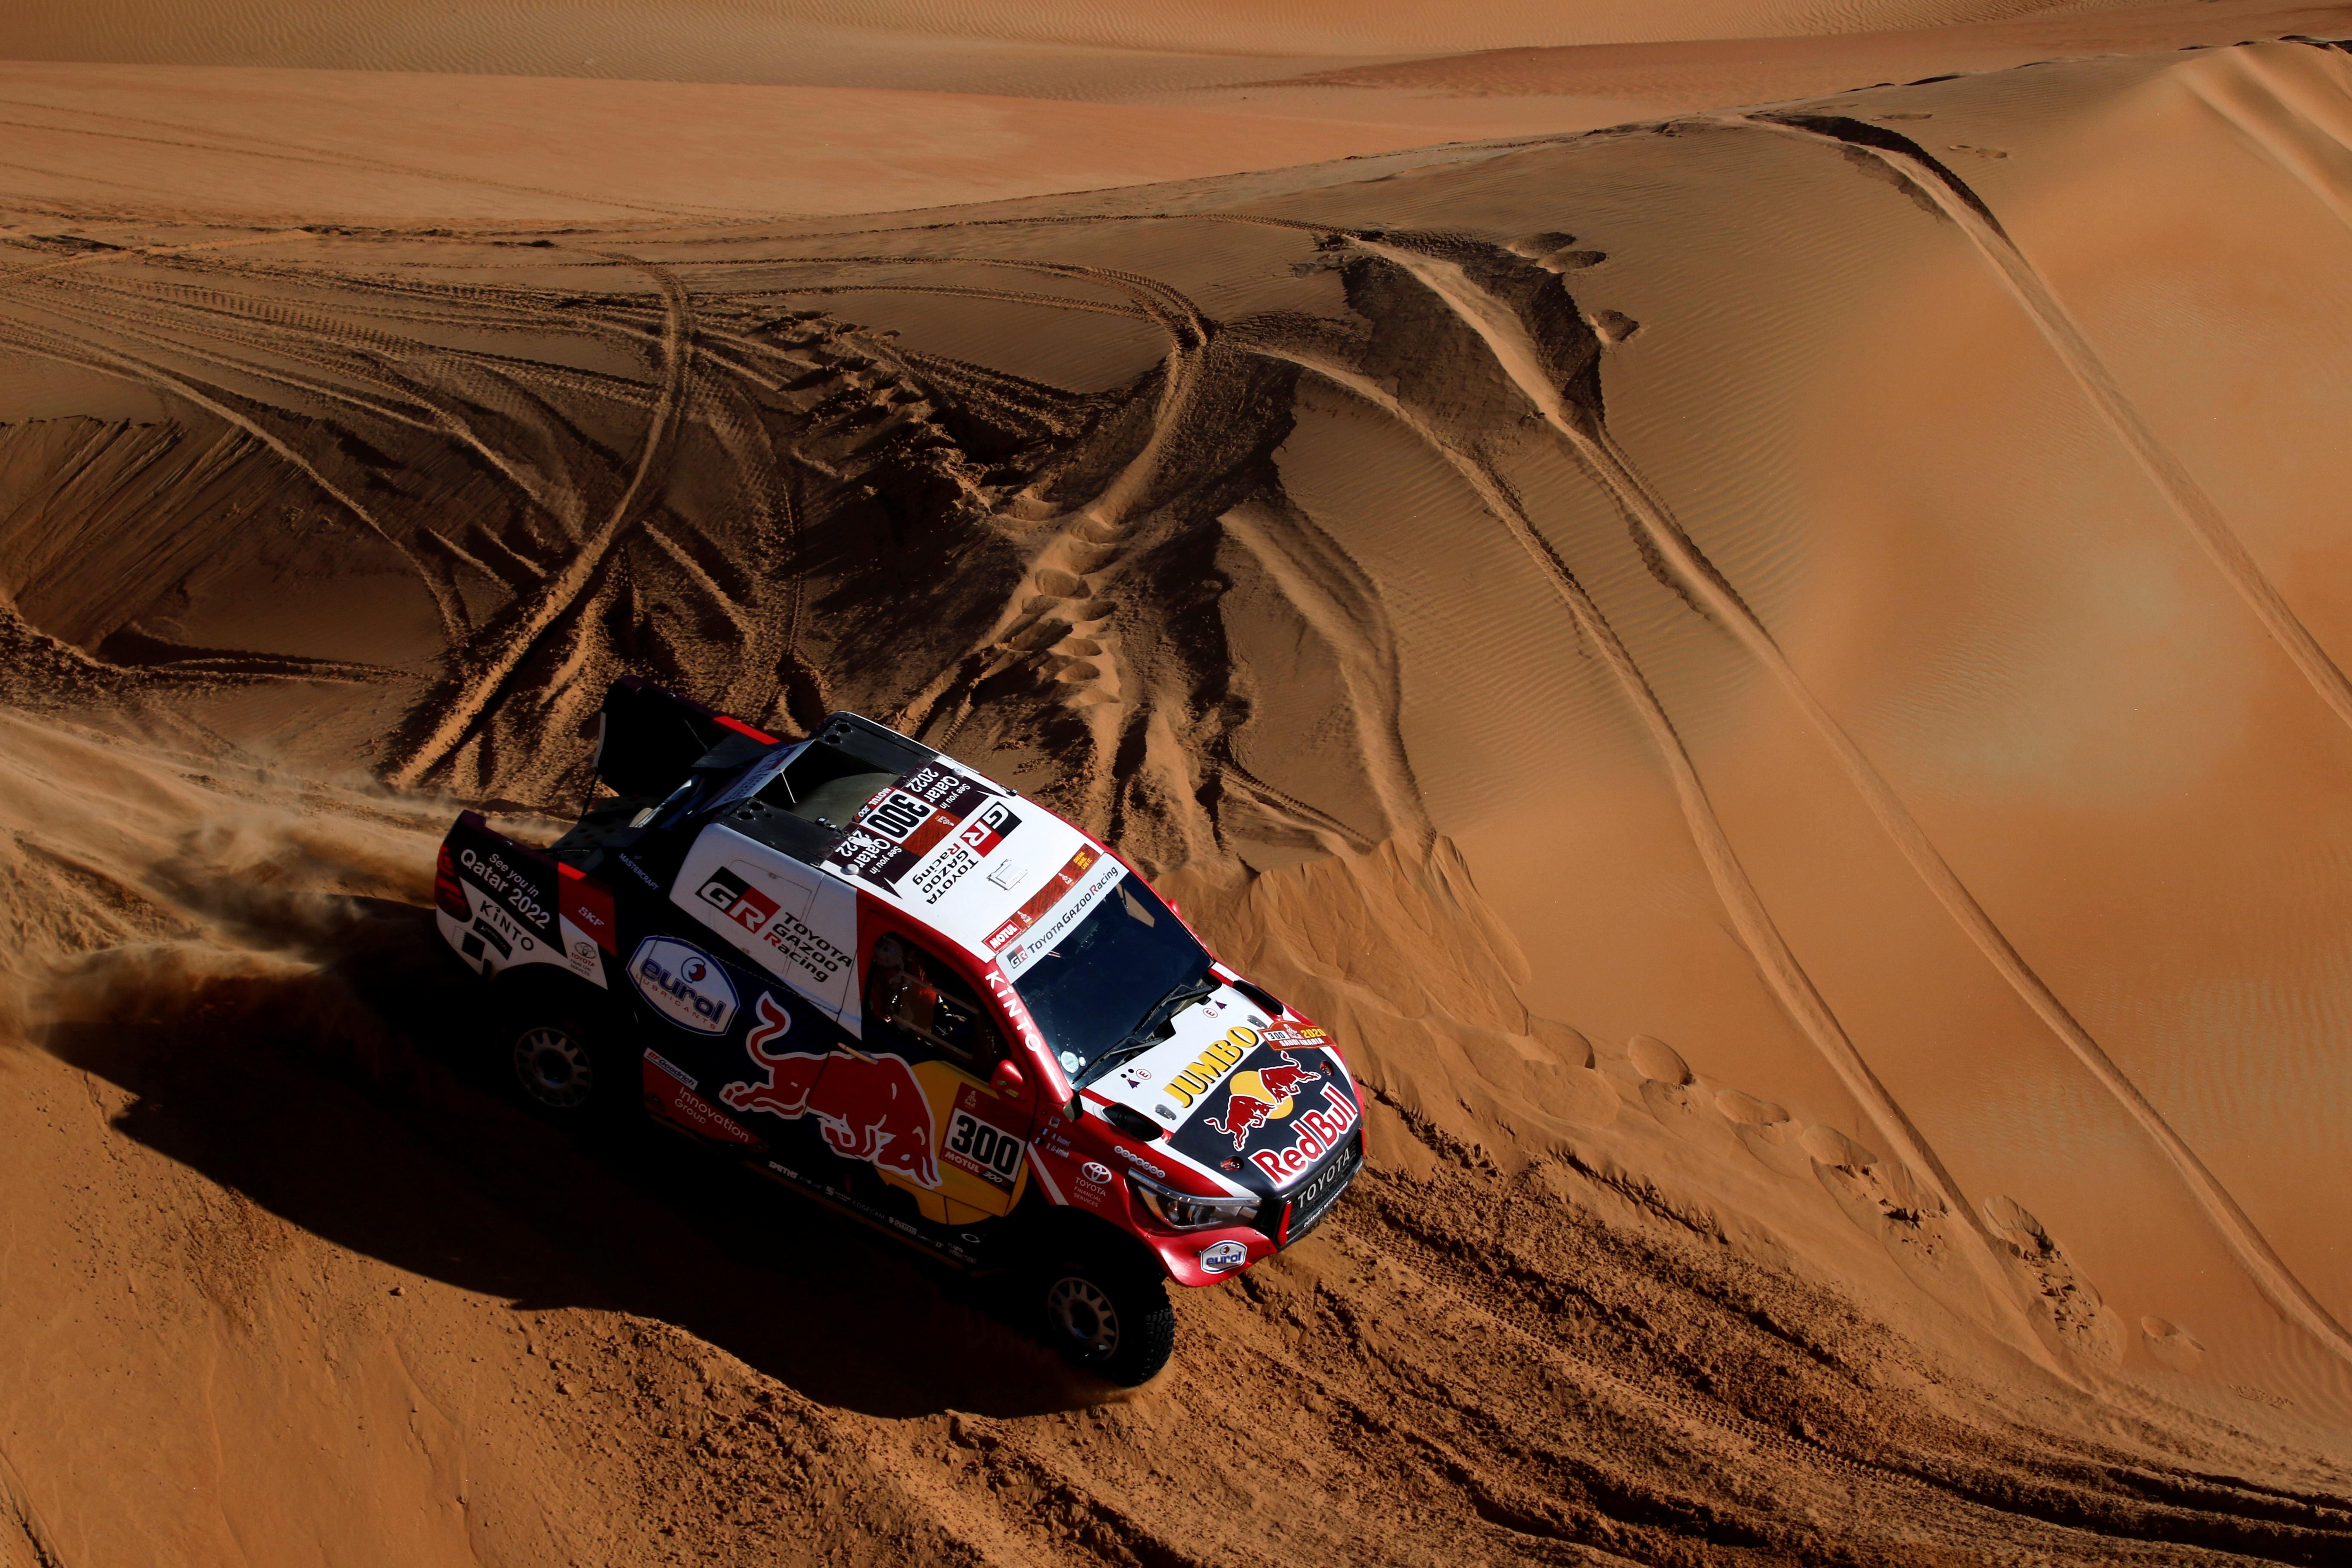 Al-Attiyah solo posee seis segundos de ventaja sobre Peterhansel en la general, lo que deja presagiar otro duelo entre el francés, ganador de trece títulos del Dakar, 6 en moto y 7 en autos, y el qatarí, que tiene tres títulos, dos segundos puestos y un tercero en una prueba en la que ha logrado 28 triunfos de etapa